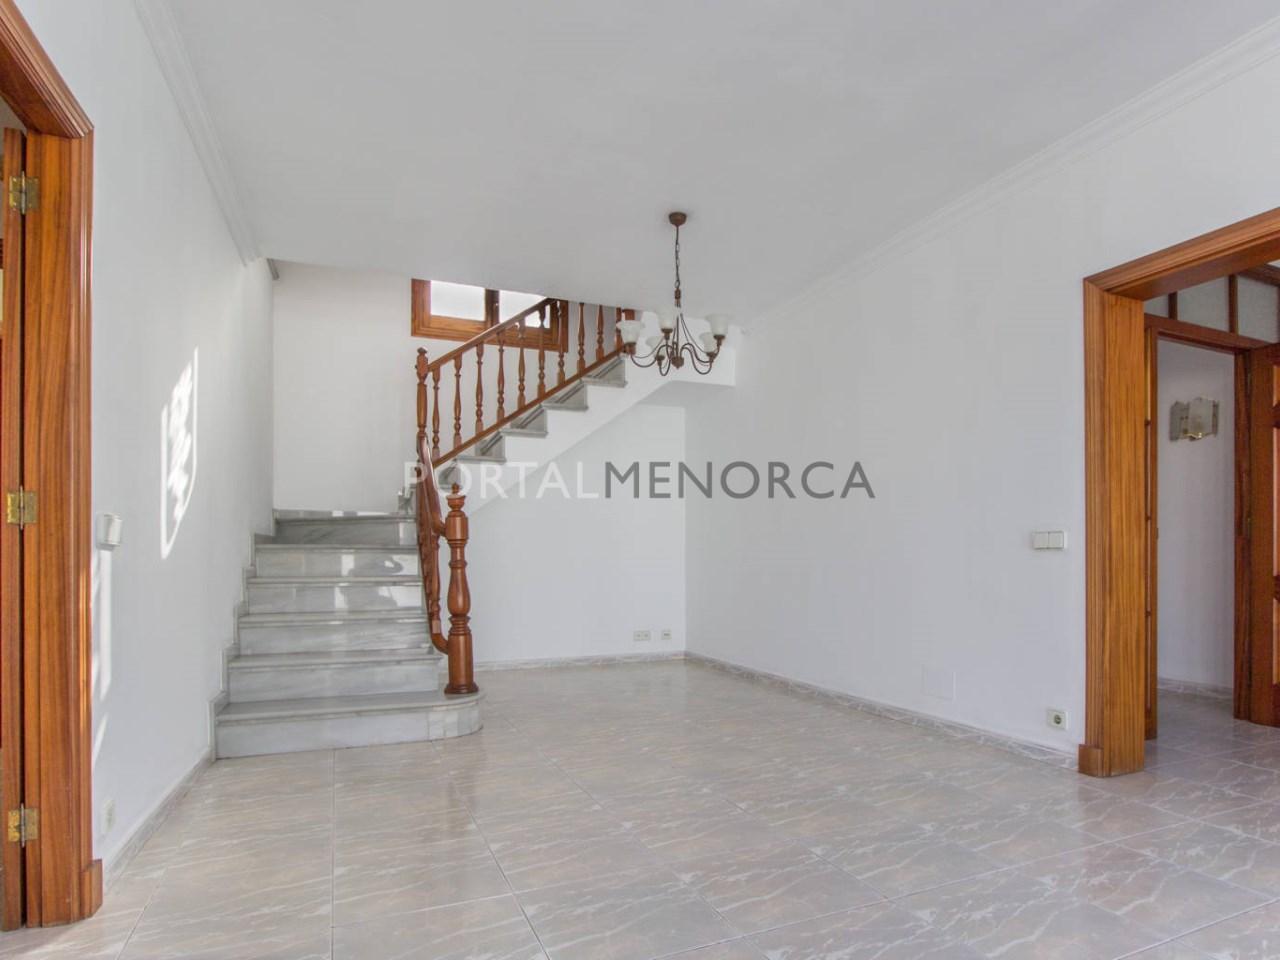 Casa entera con garaje en venta en Menorca